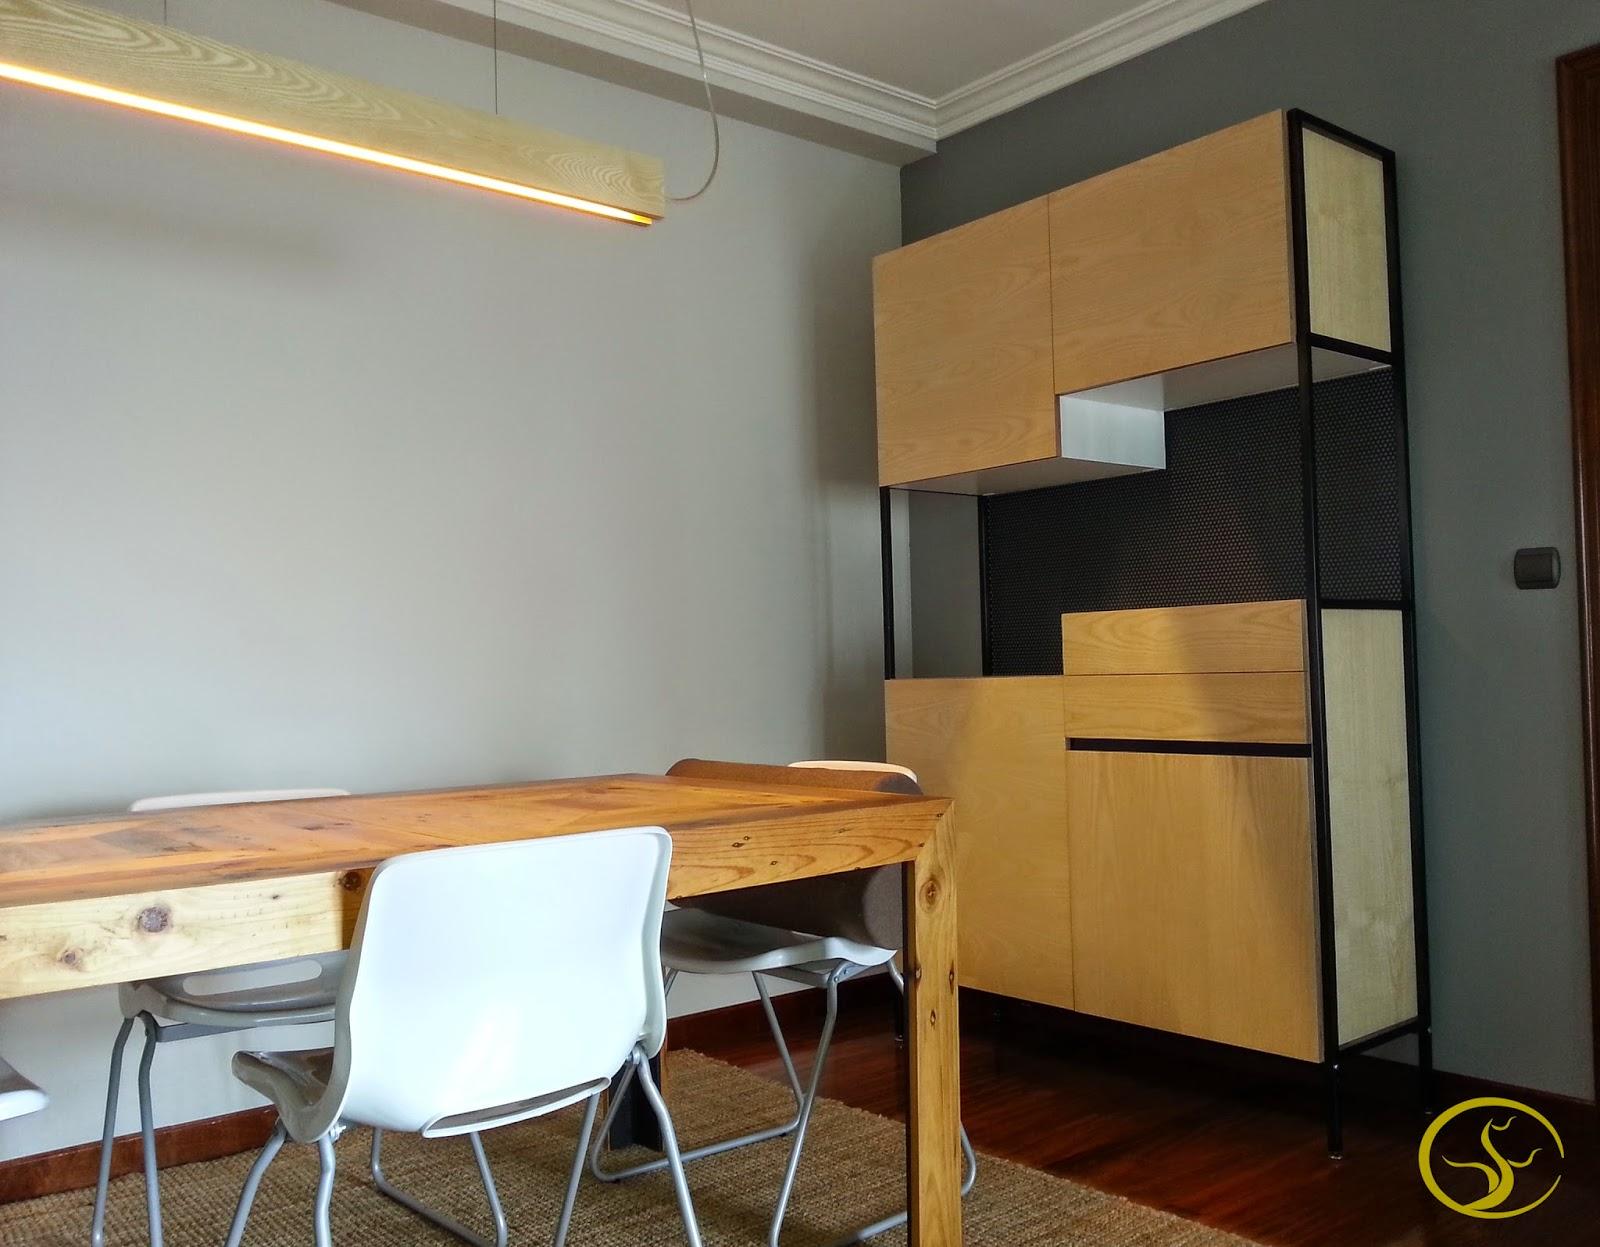 Sfc muebles sostenibles y creativos for Muebles sostenibles